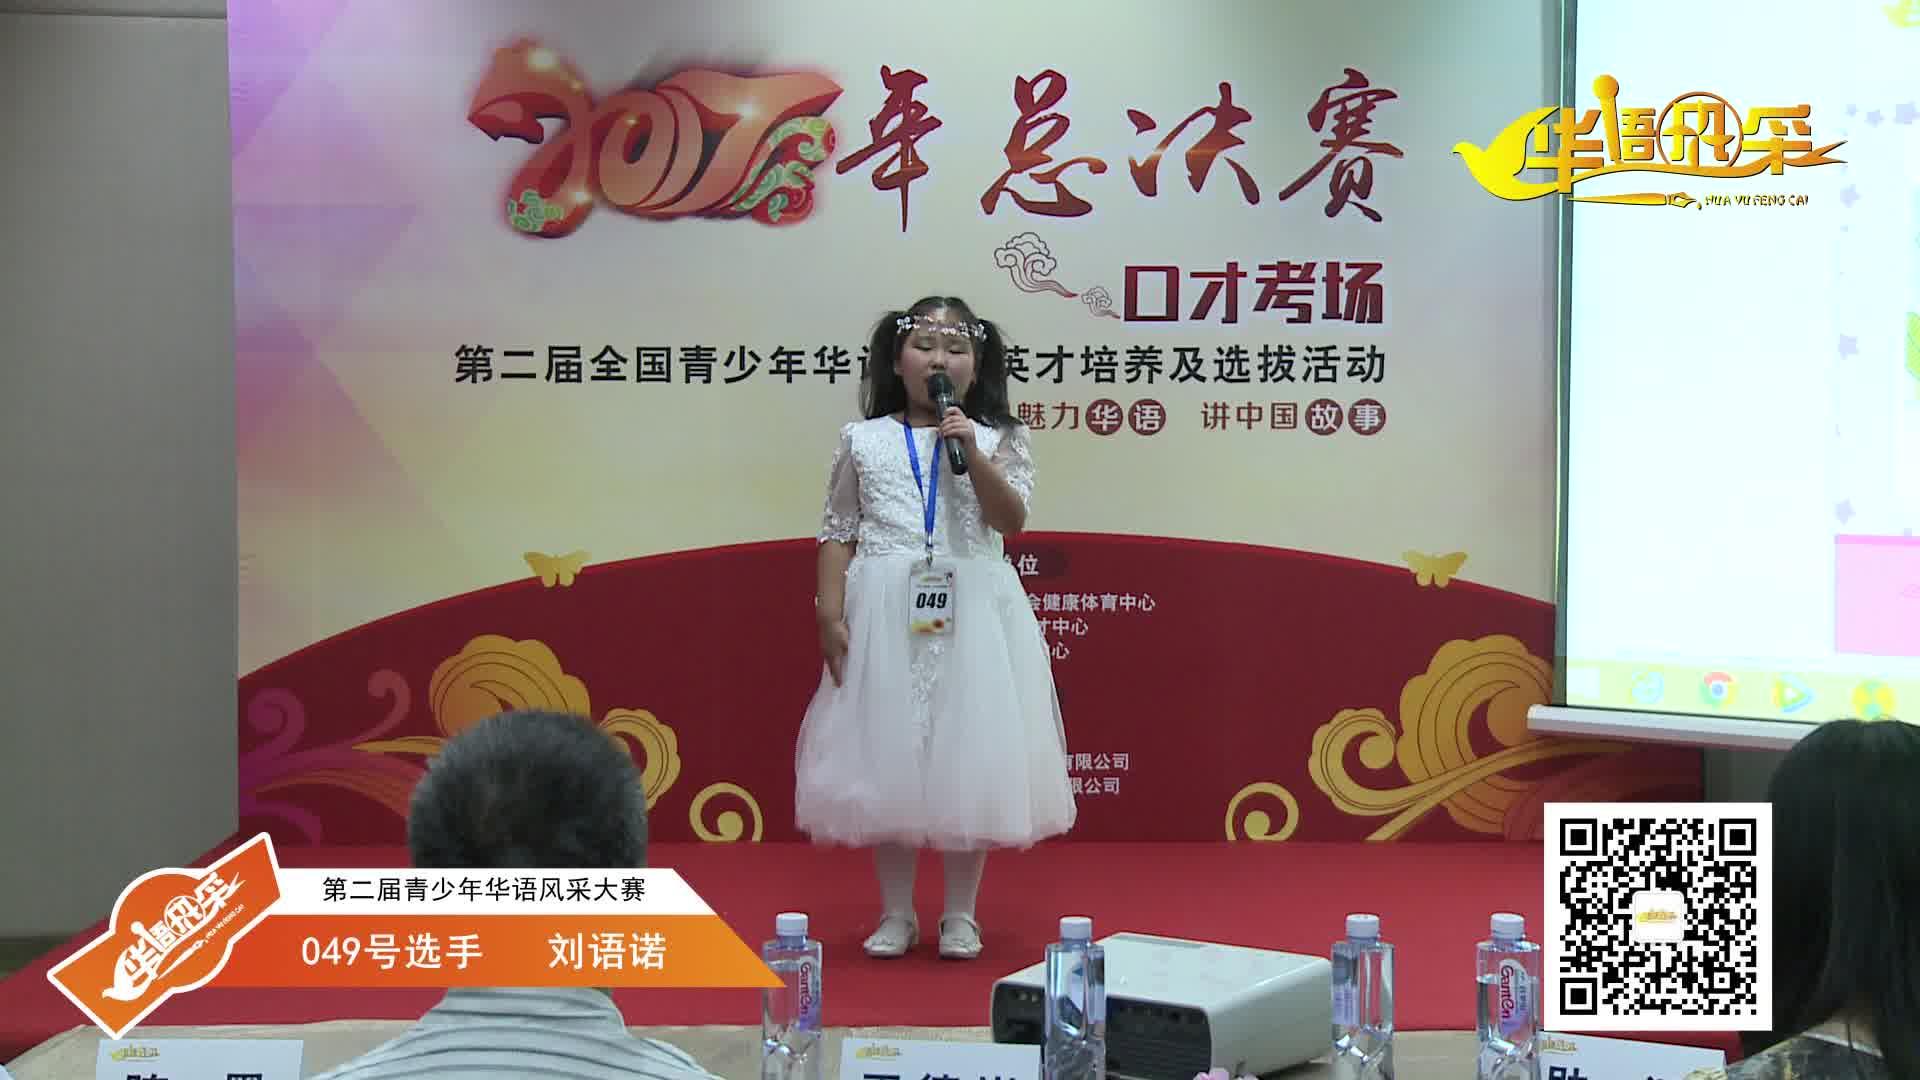 049号选手:刘语诺